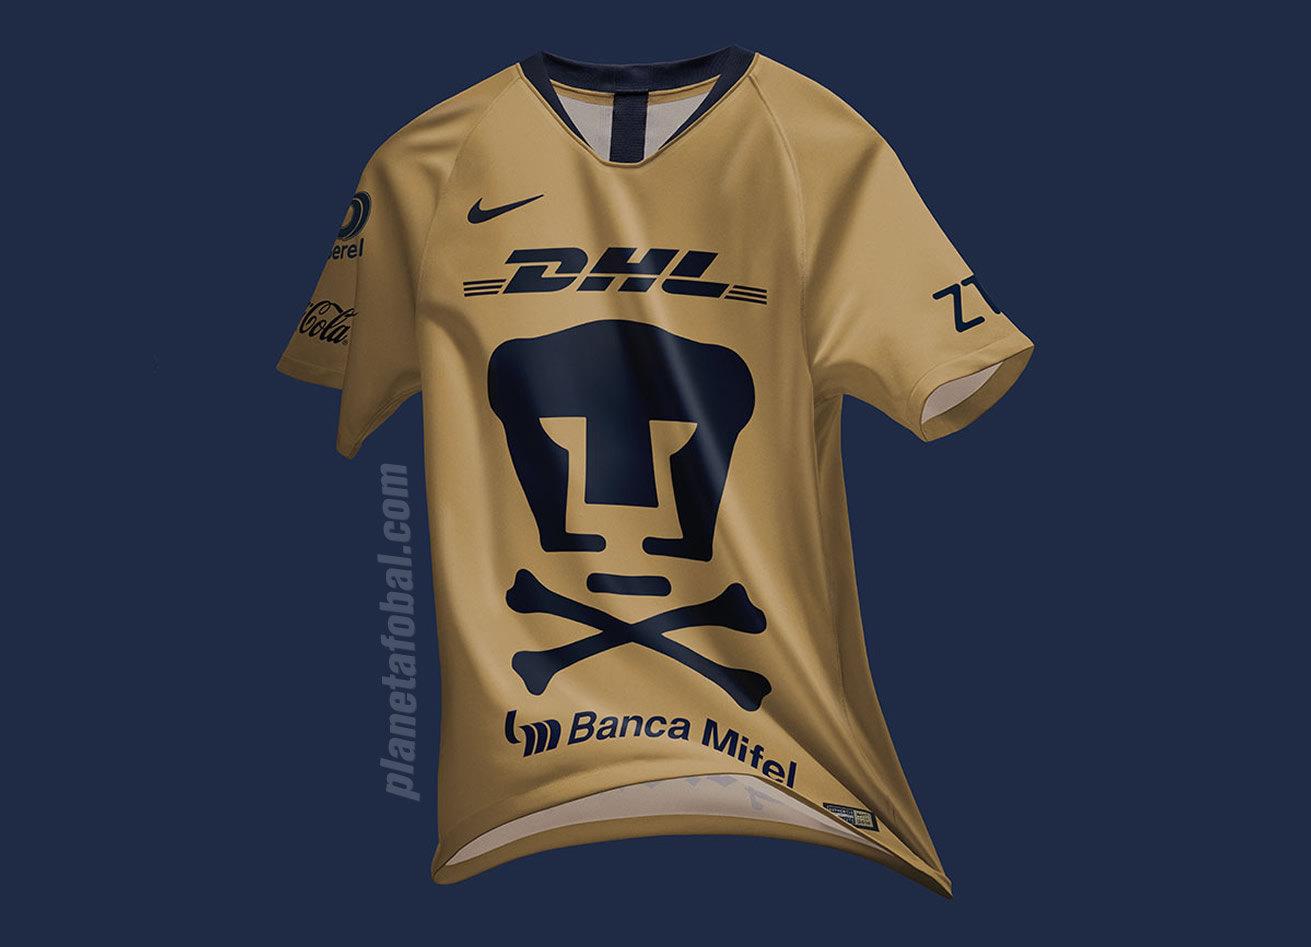 Camiseta Edición Especial Nike de los Pumas de la UNAM 2018 | Imagen Web Oficial